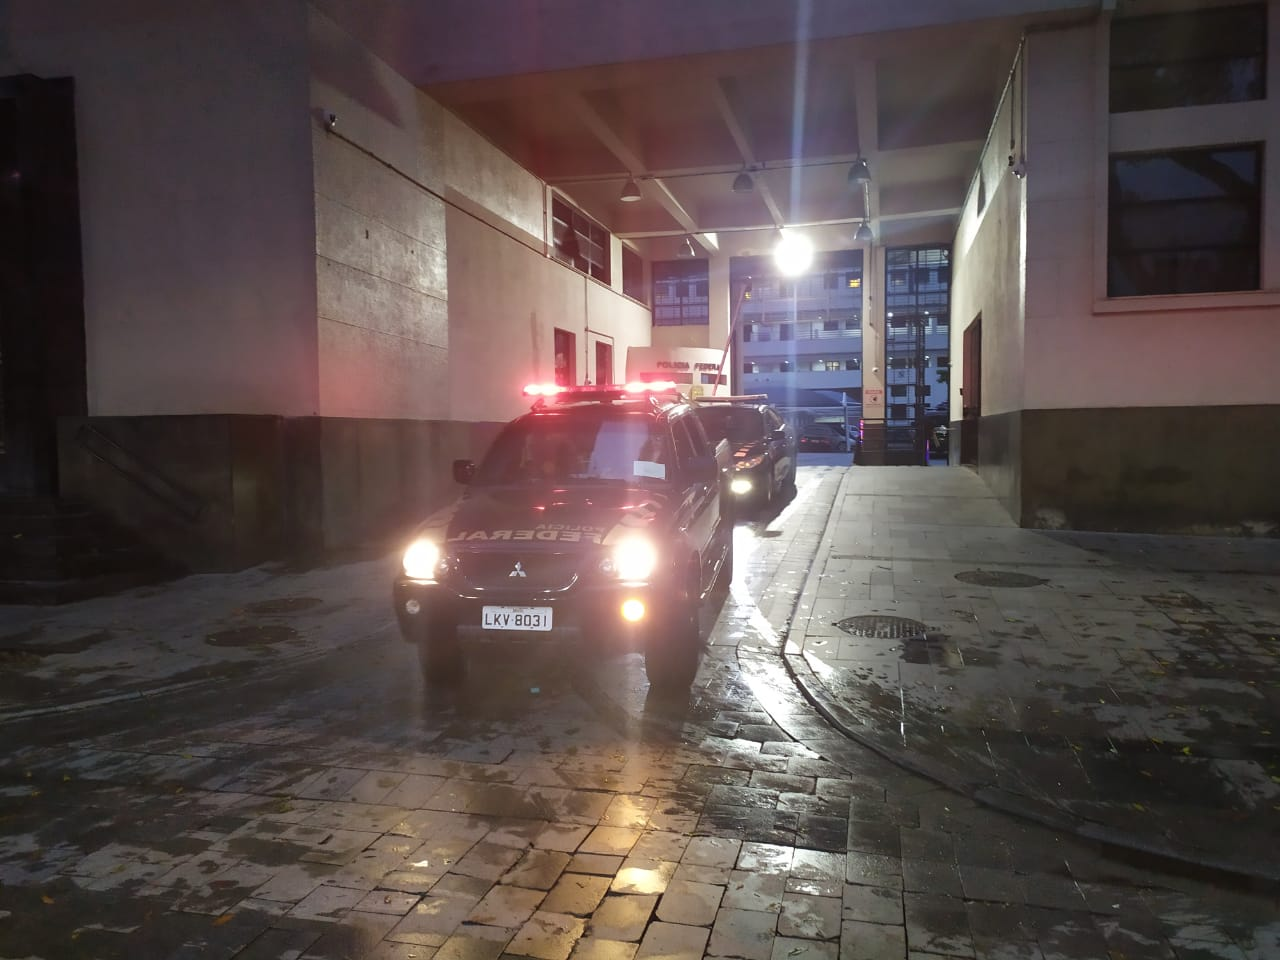 Veículos da Polícia Federal deixam sede no Rio de Janeiro